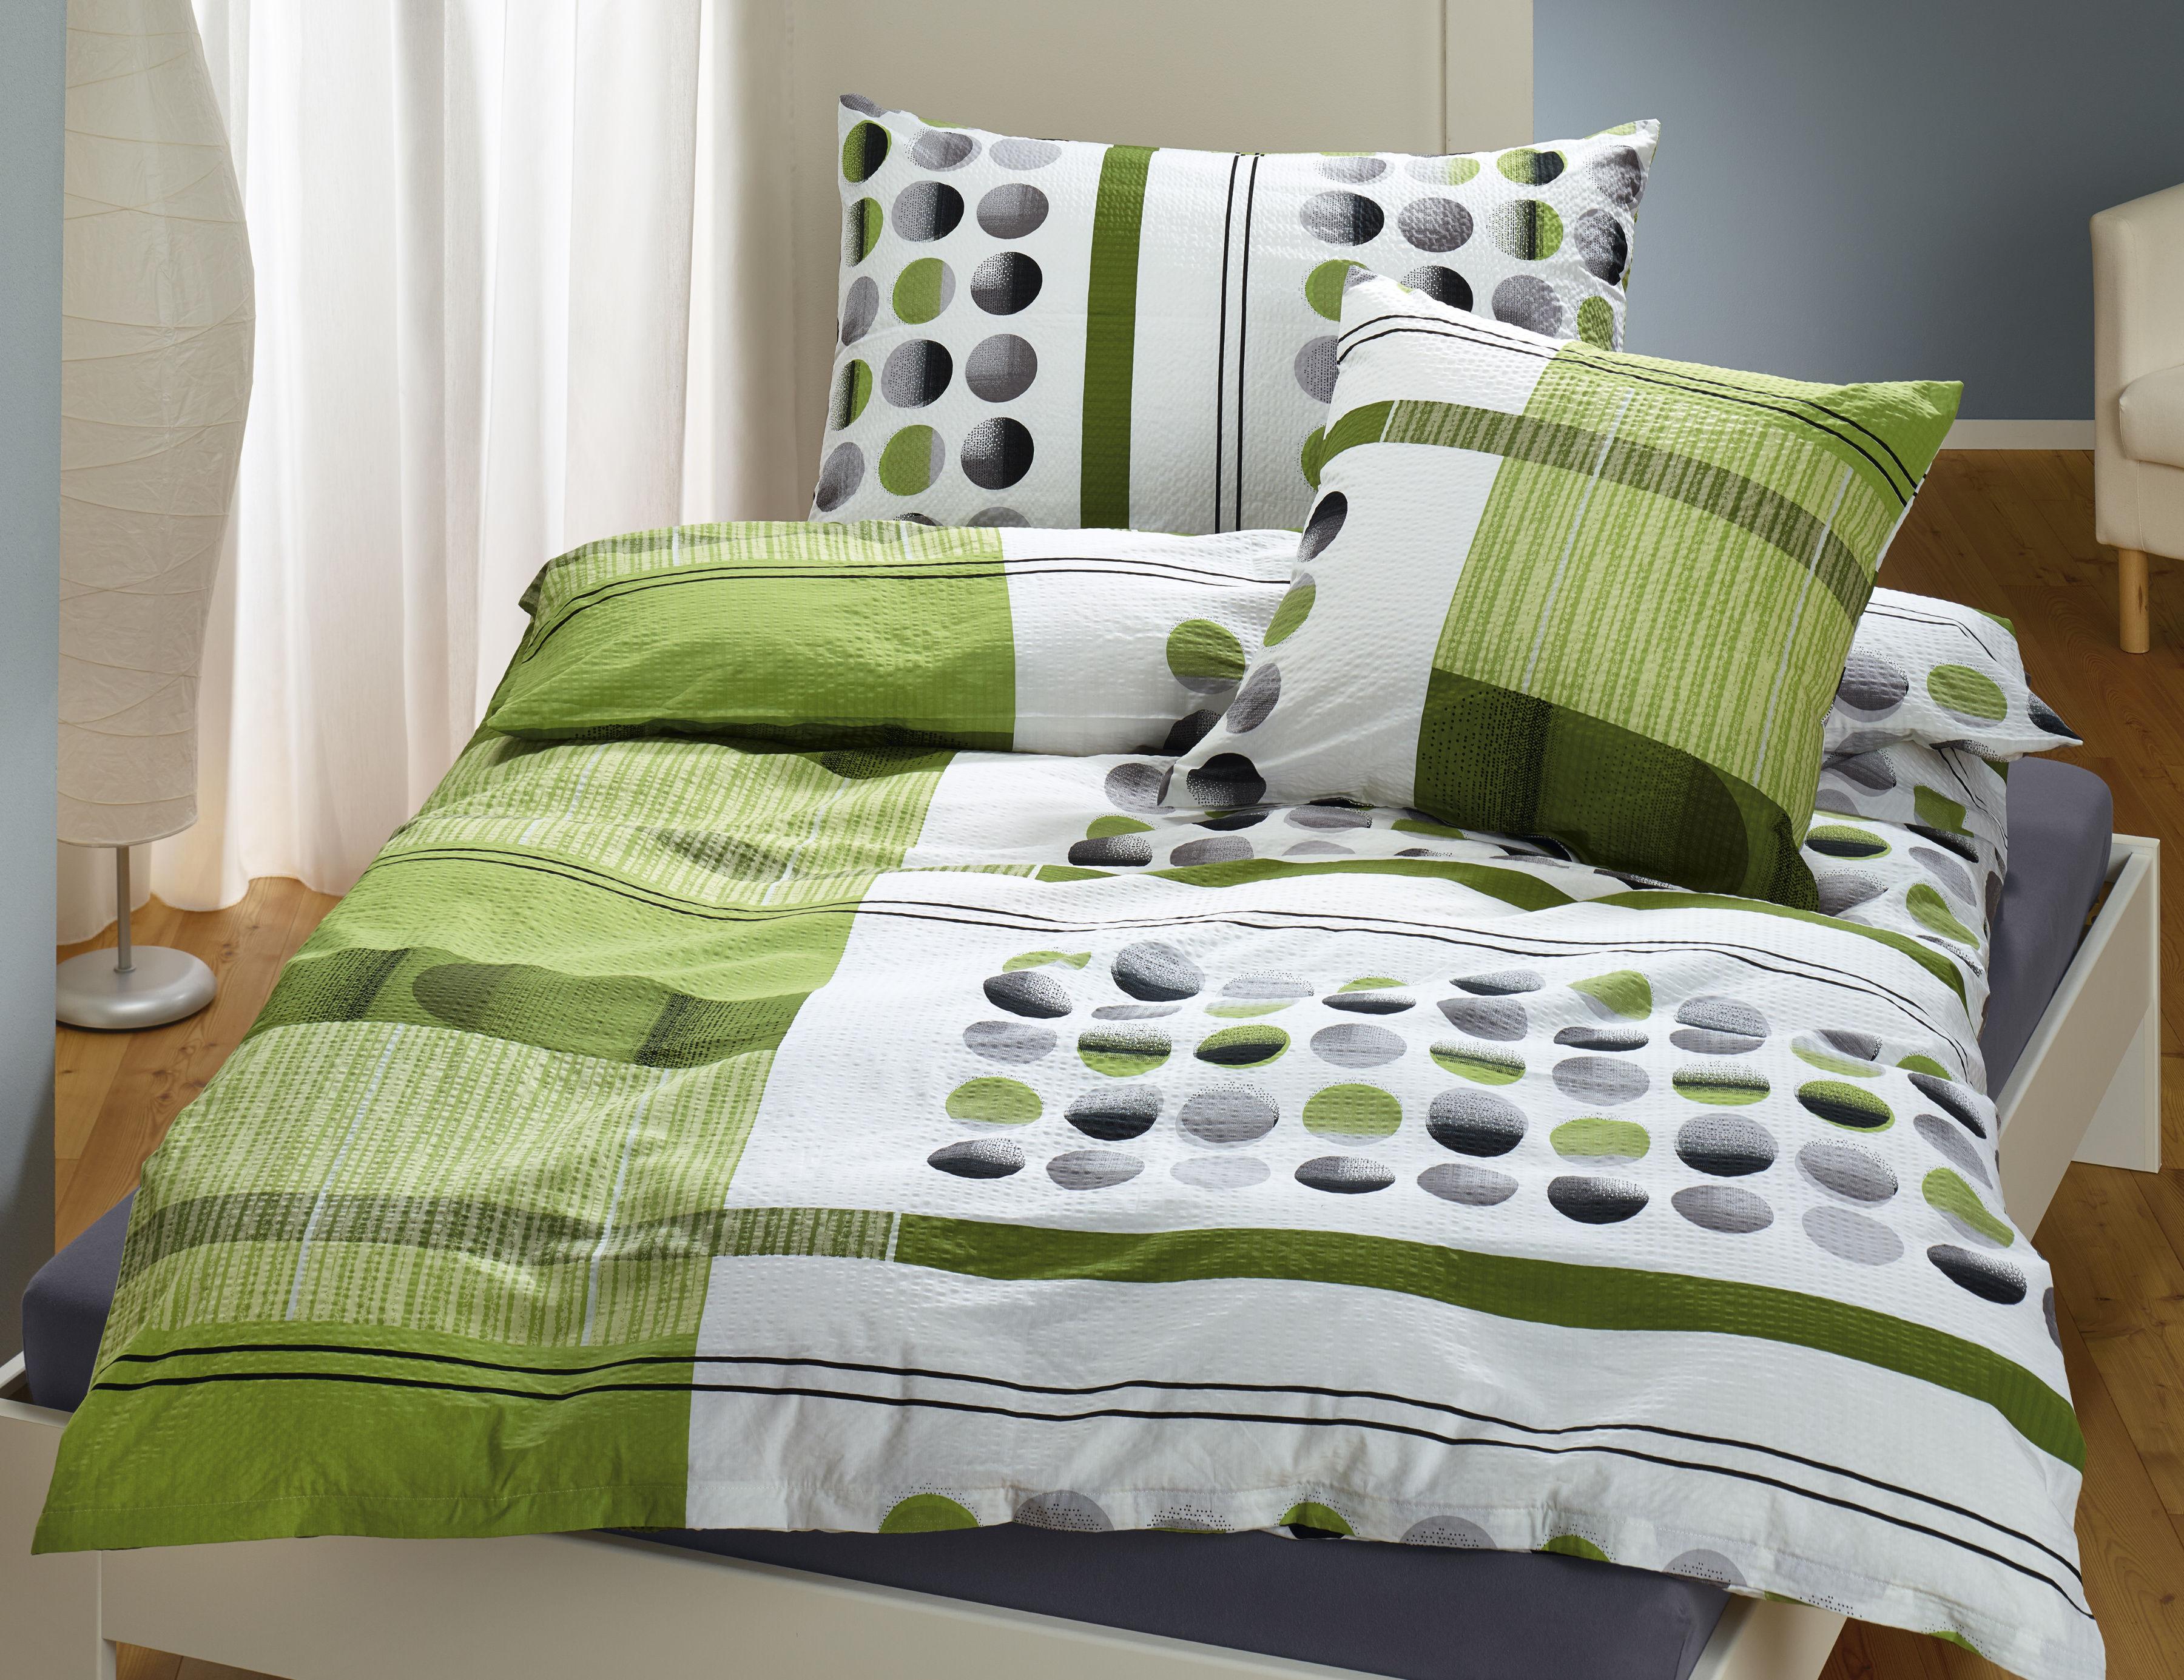 Bettwäsche Grün Mit Streifen Und Punkten Lehner Versand